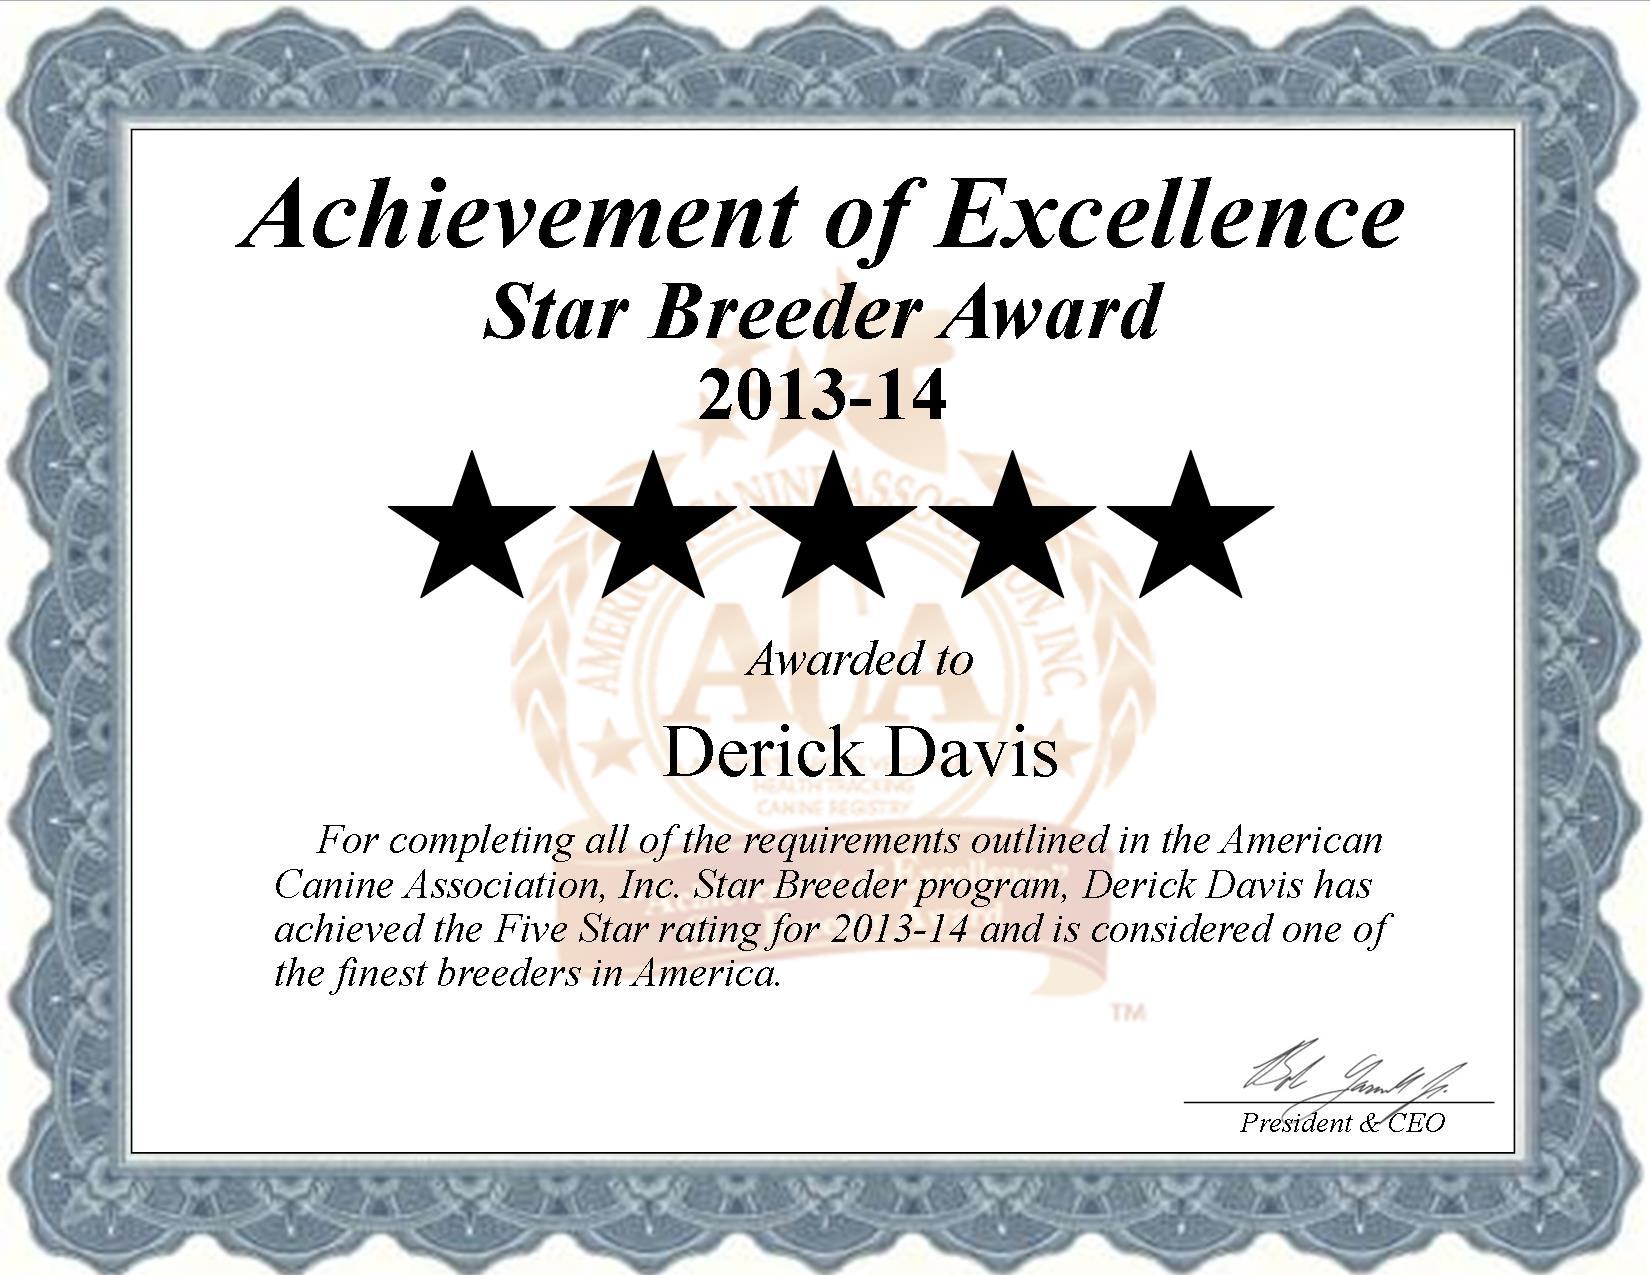 Derick Davis, Derick, Davis, Davis kennel, Derick Davis breeder, falcon, falcon mo, mo, Missouri, breeder, star breeder, starbreeder, 5 star, dog, puppy, puppies, five star, kennel, show breeder